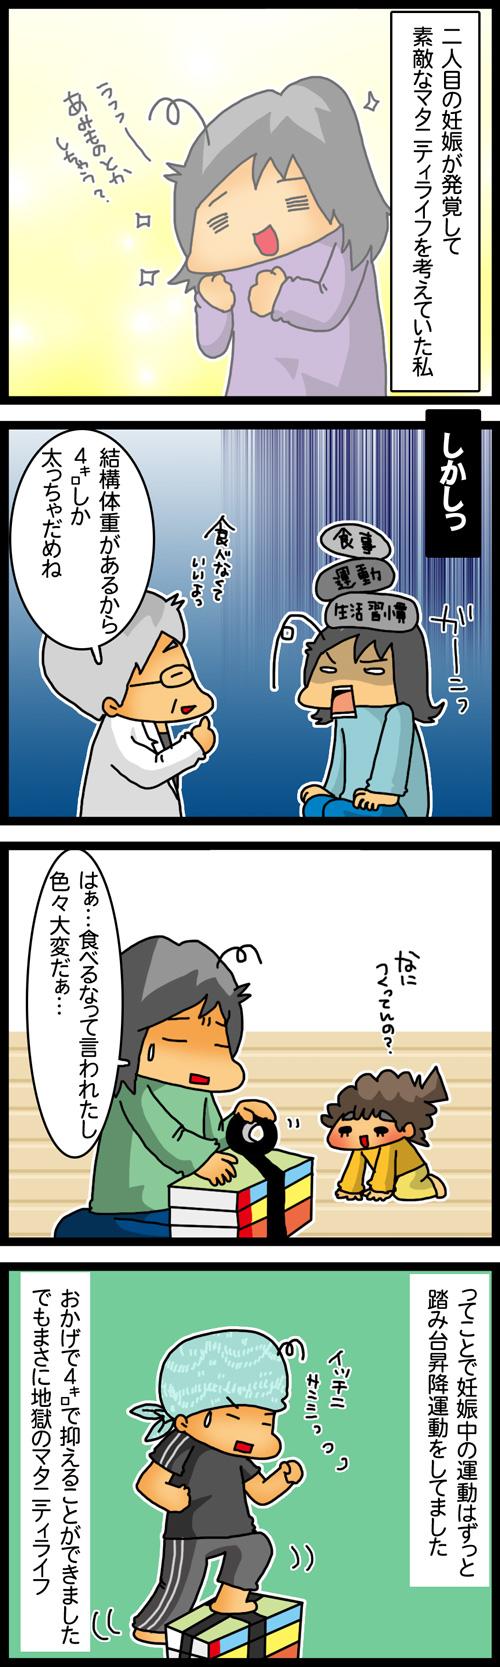 素敵マタニティライフを過ごしたいと思ってたのに…まさかの体重オーバー!? ~親BAKA日記 第3回~の画像1